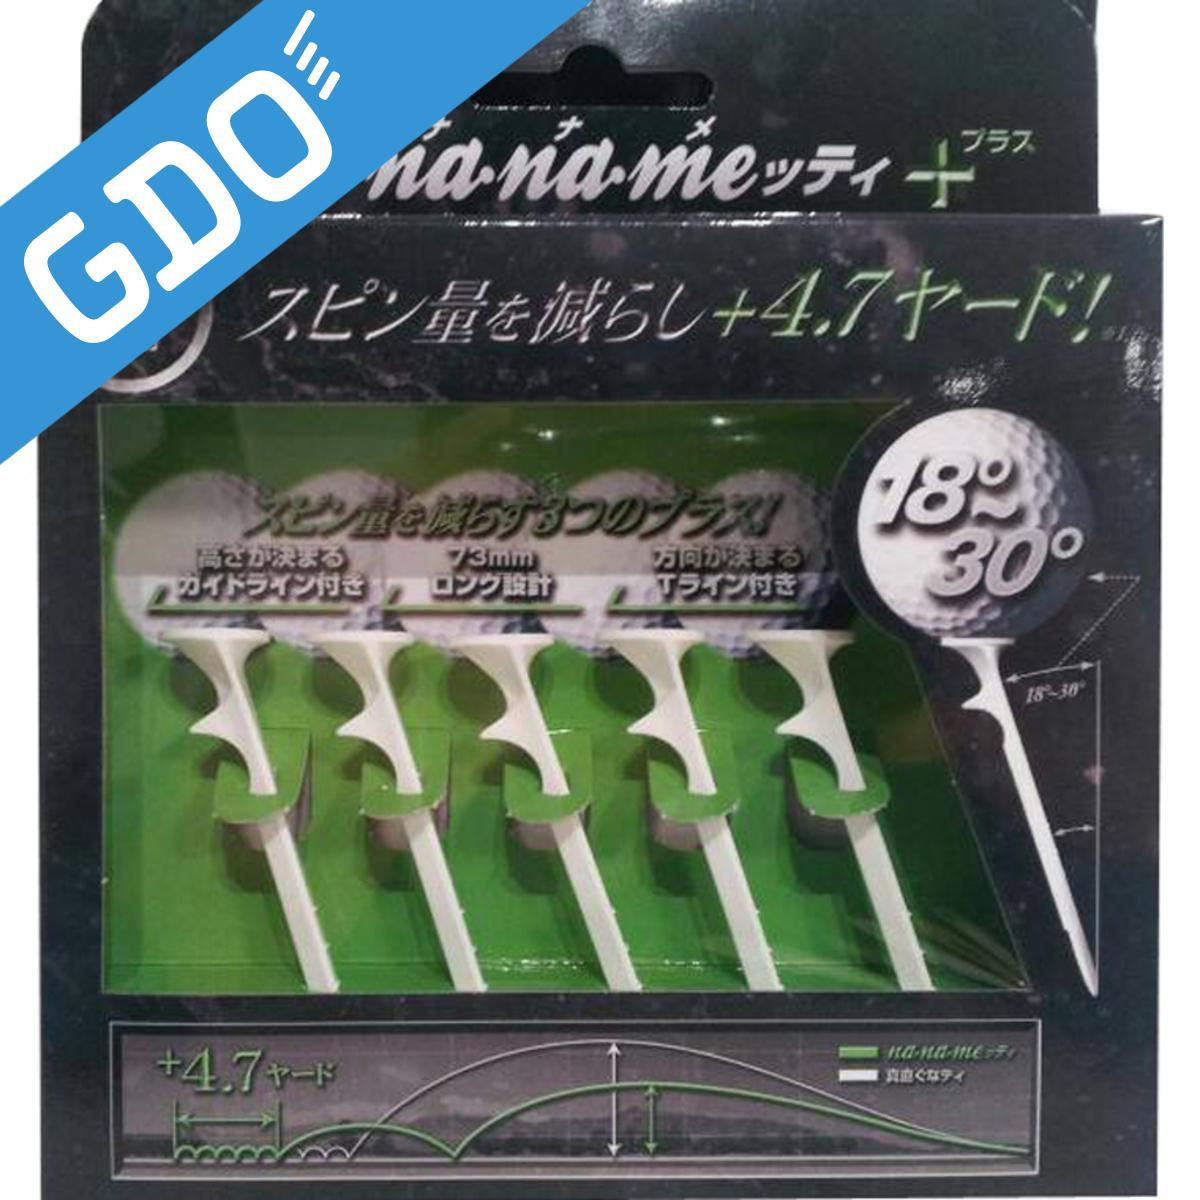 ゴルフ ラウンド用品 小物 GDO ふるさと割 割り引き GOLF nanameッティ ヒッツ その他メーカー その他 プラス